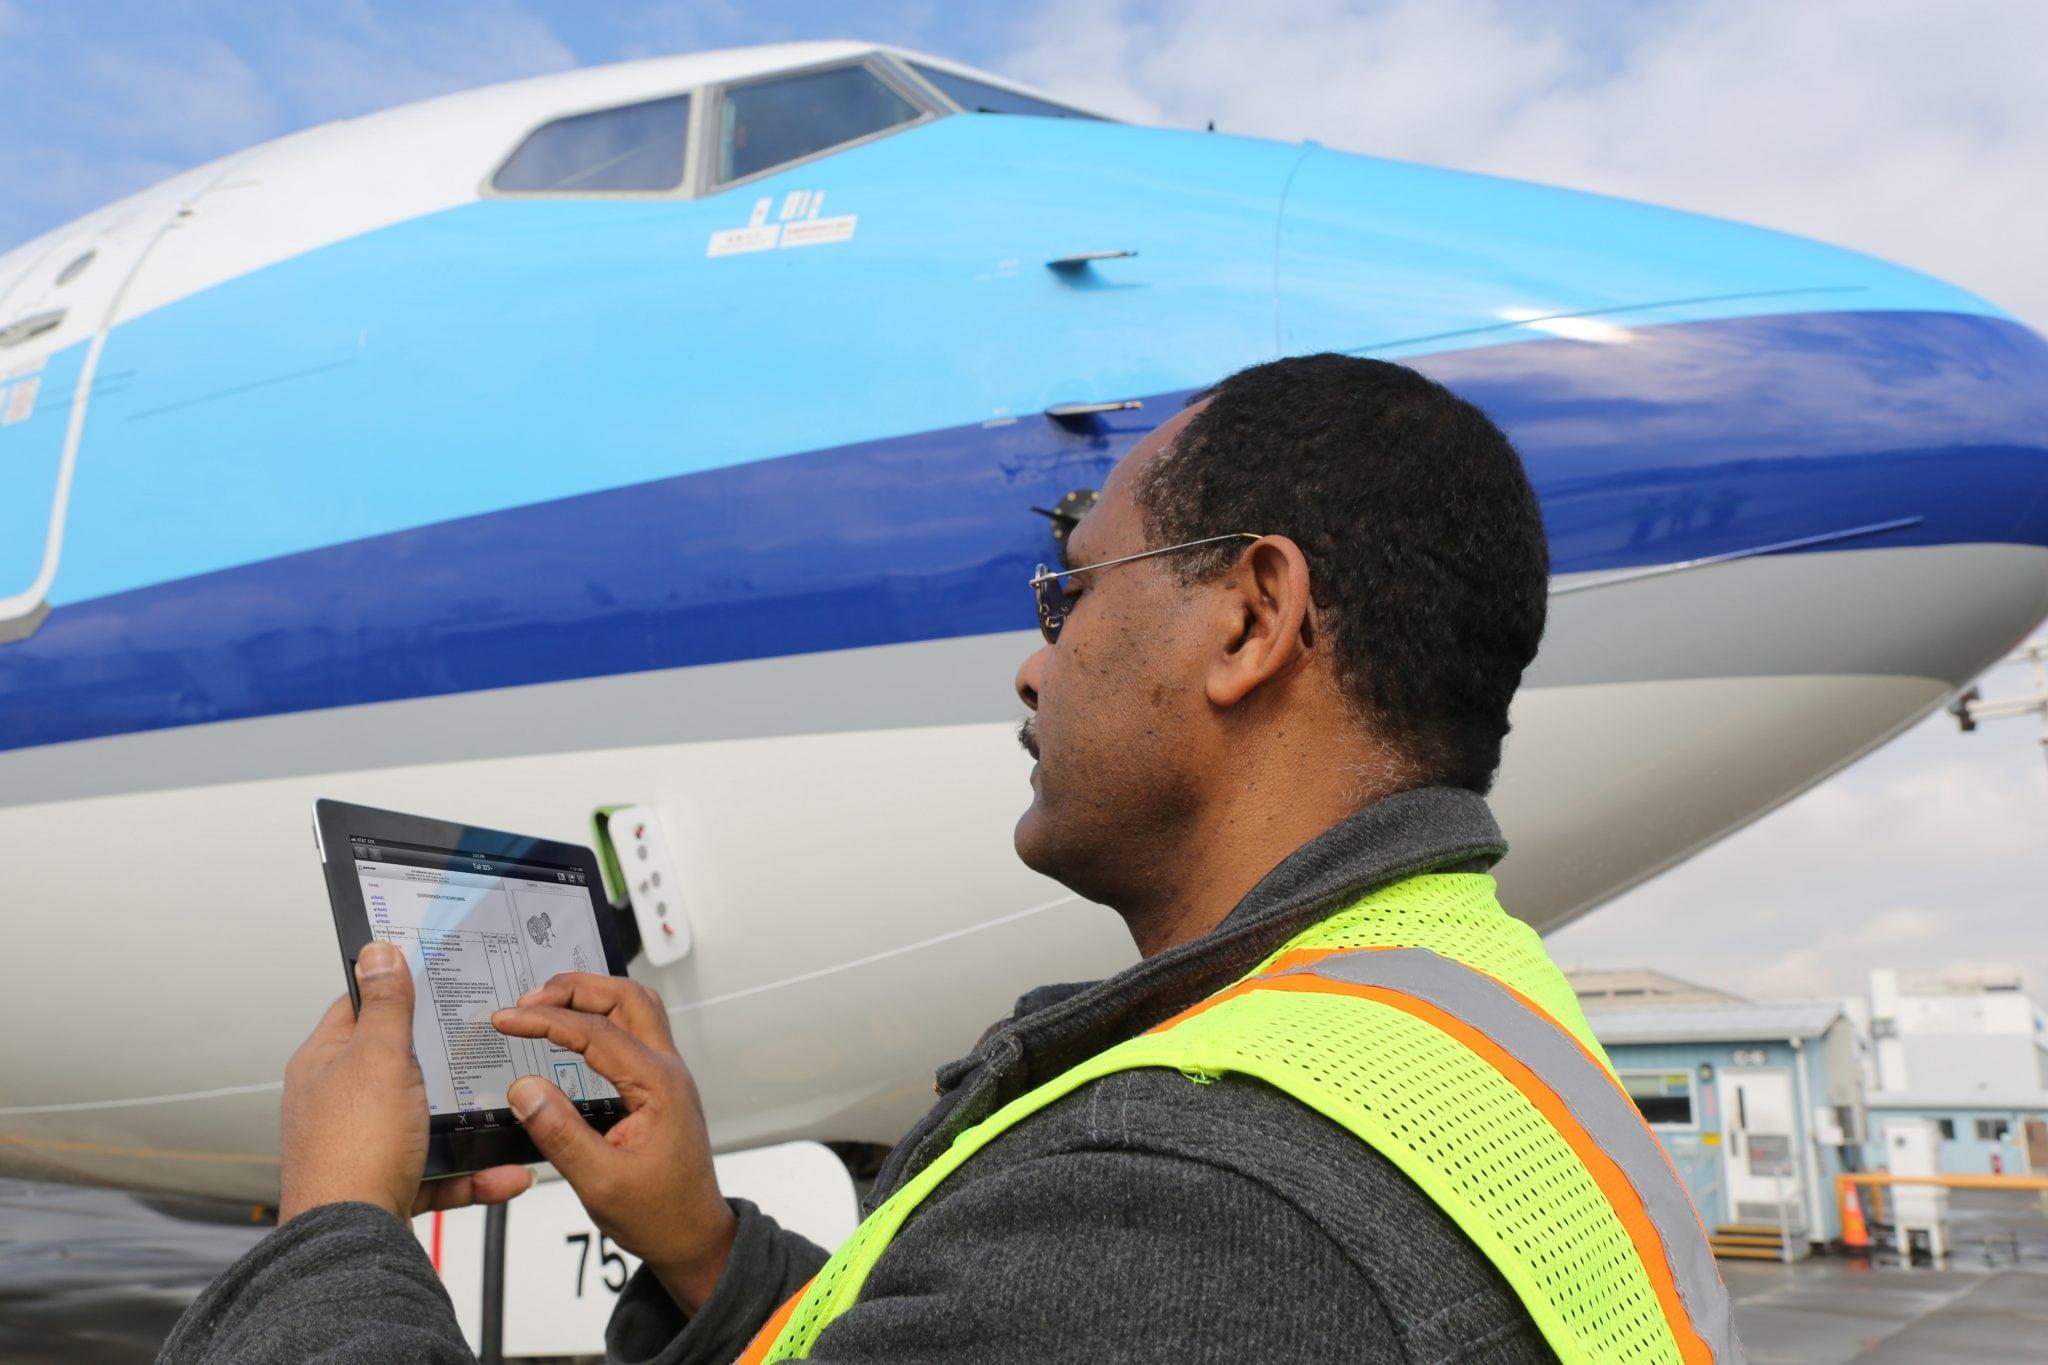 Maintenance monitoring aircraft health via an iPad app